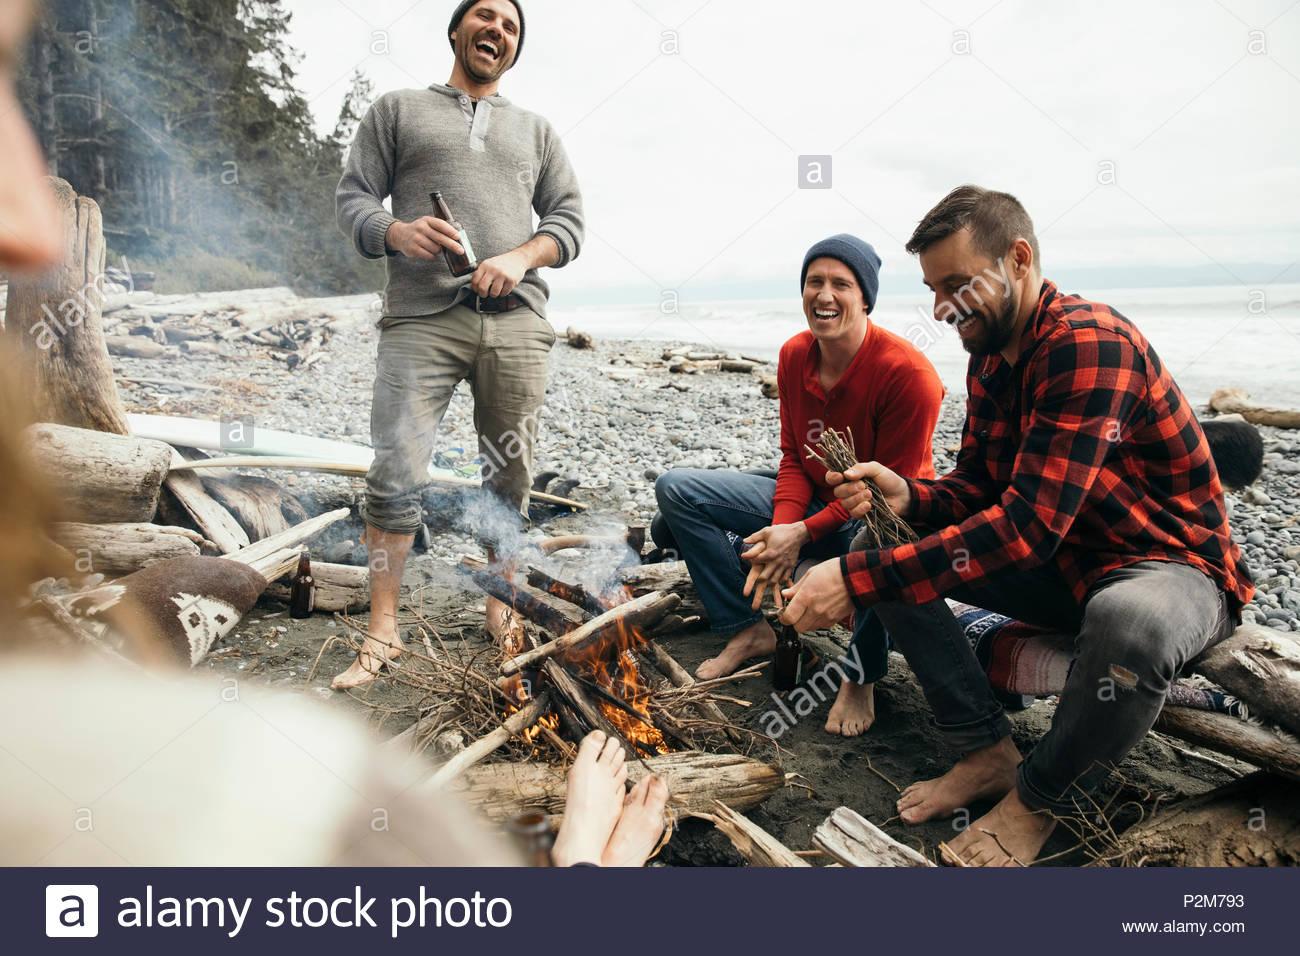 A piedi nudi amici godendo di birre da falò sulla spiaggia robusto Immagini Stock